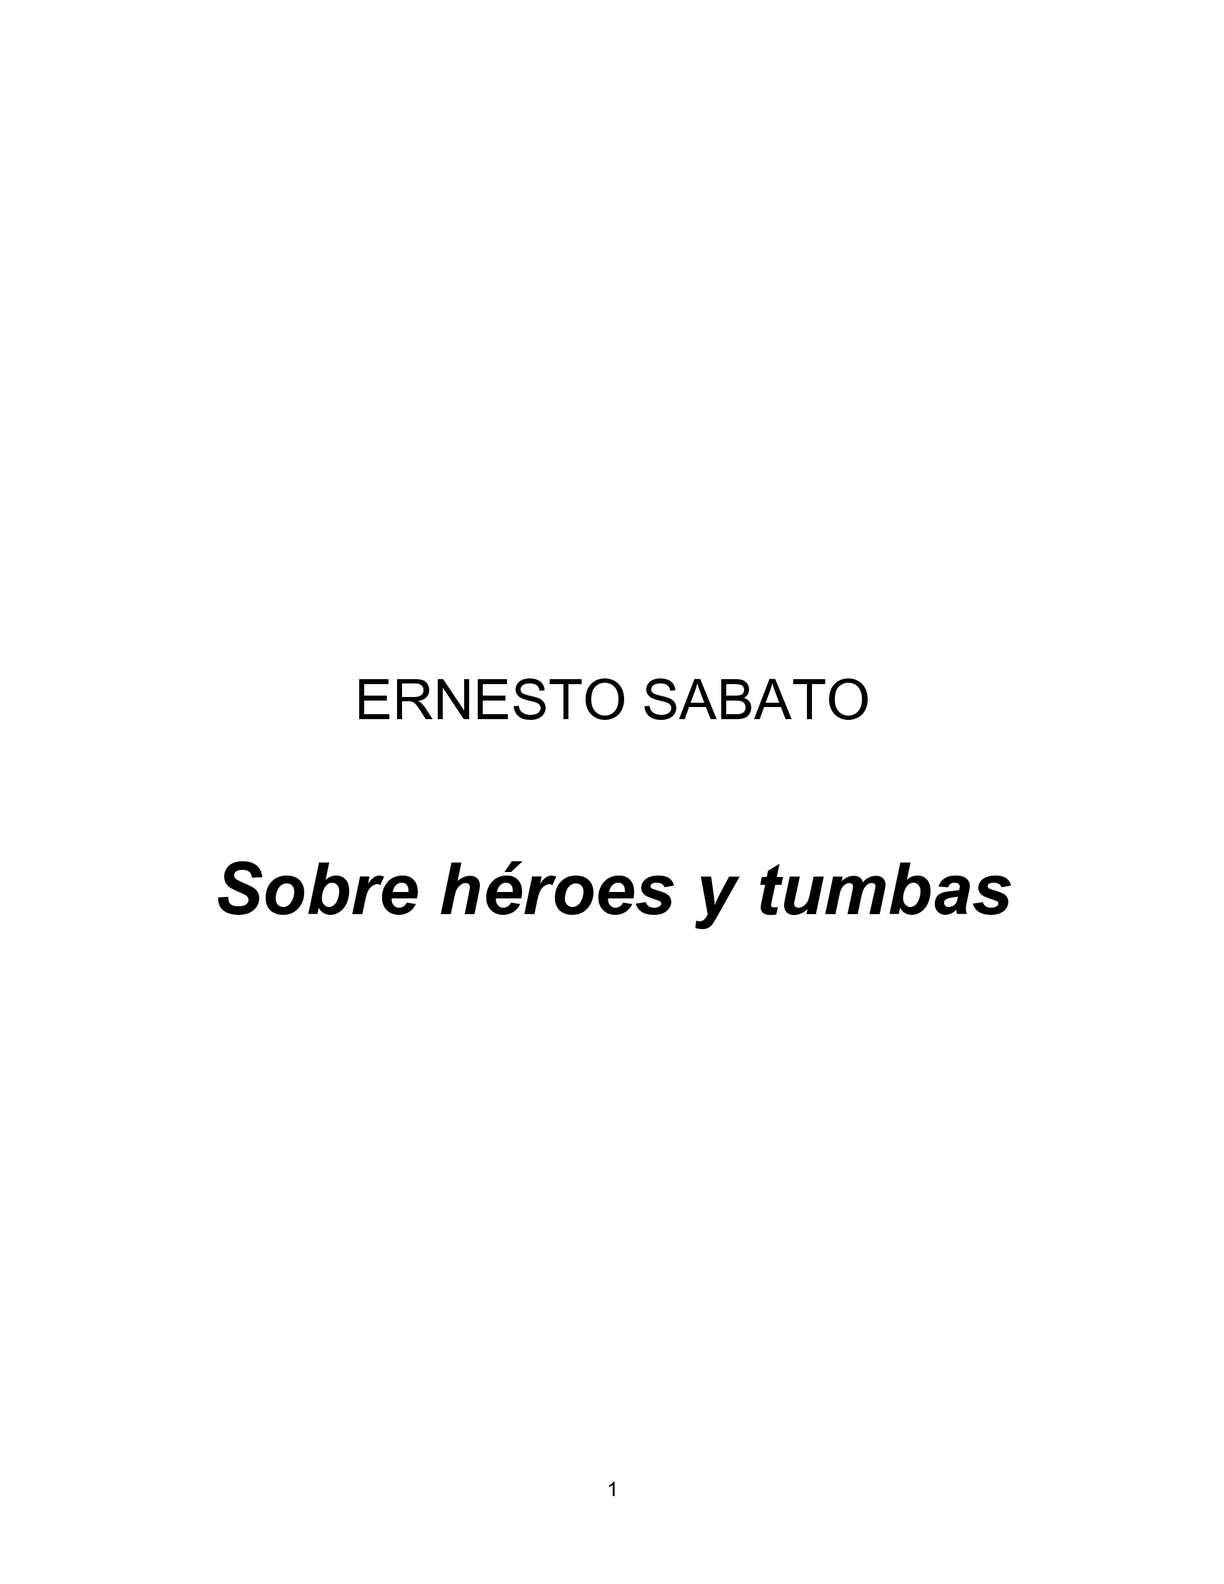 Calaméo - Sobre heroes y tumbas. Ernesto Sábato 8a8745a91c66